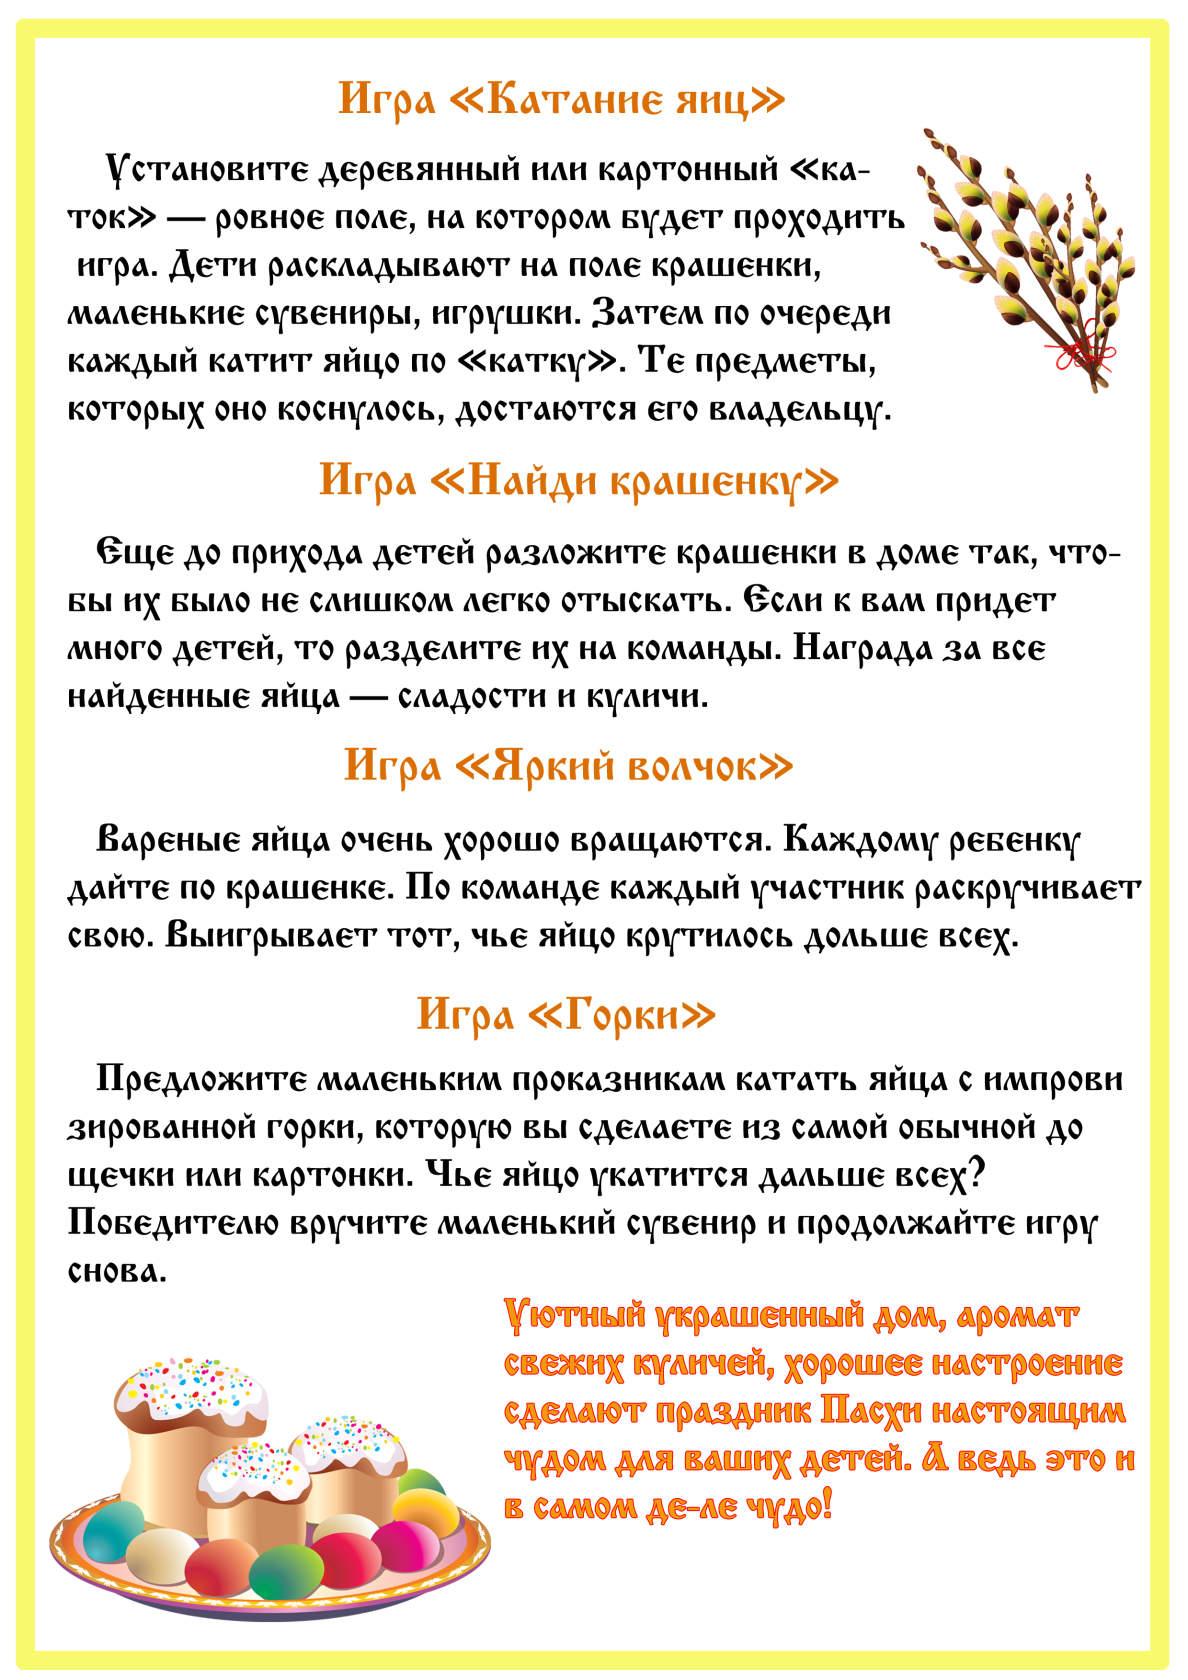 hello_html_m24a07c86.jpg